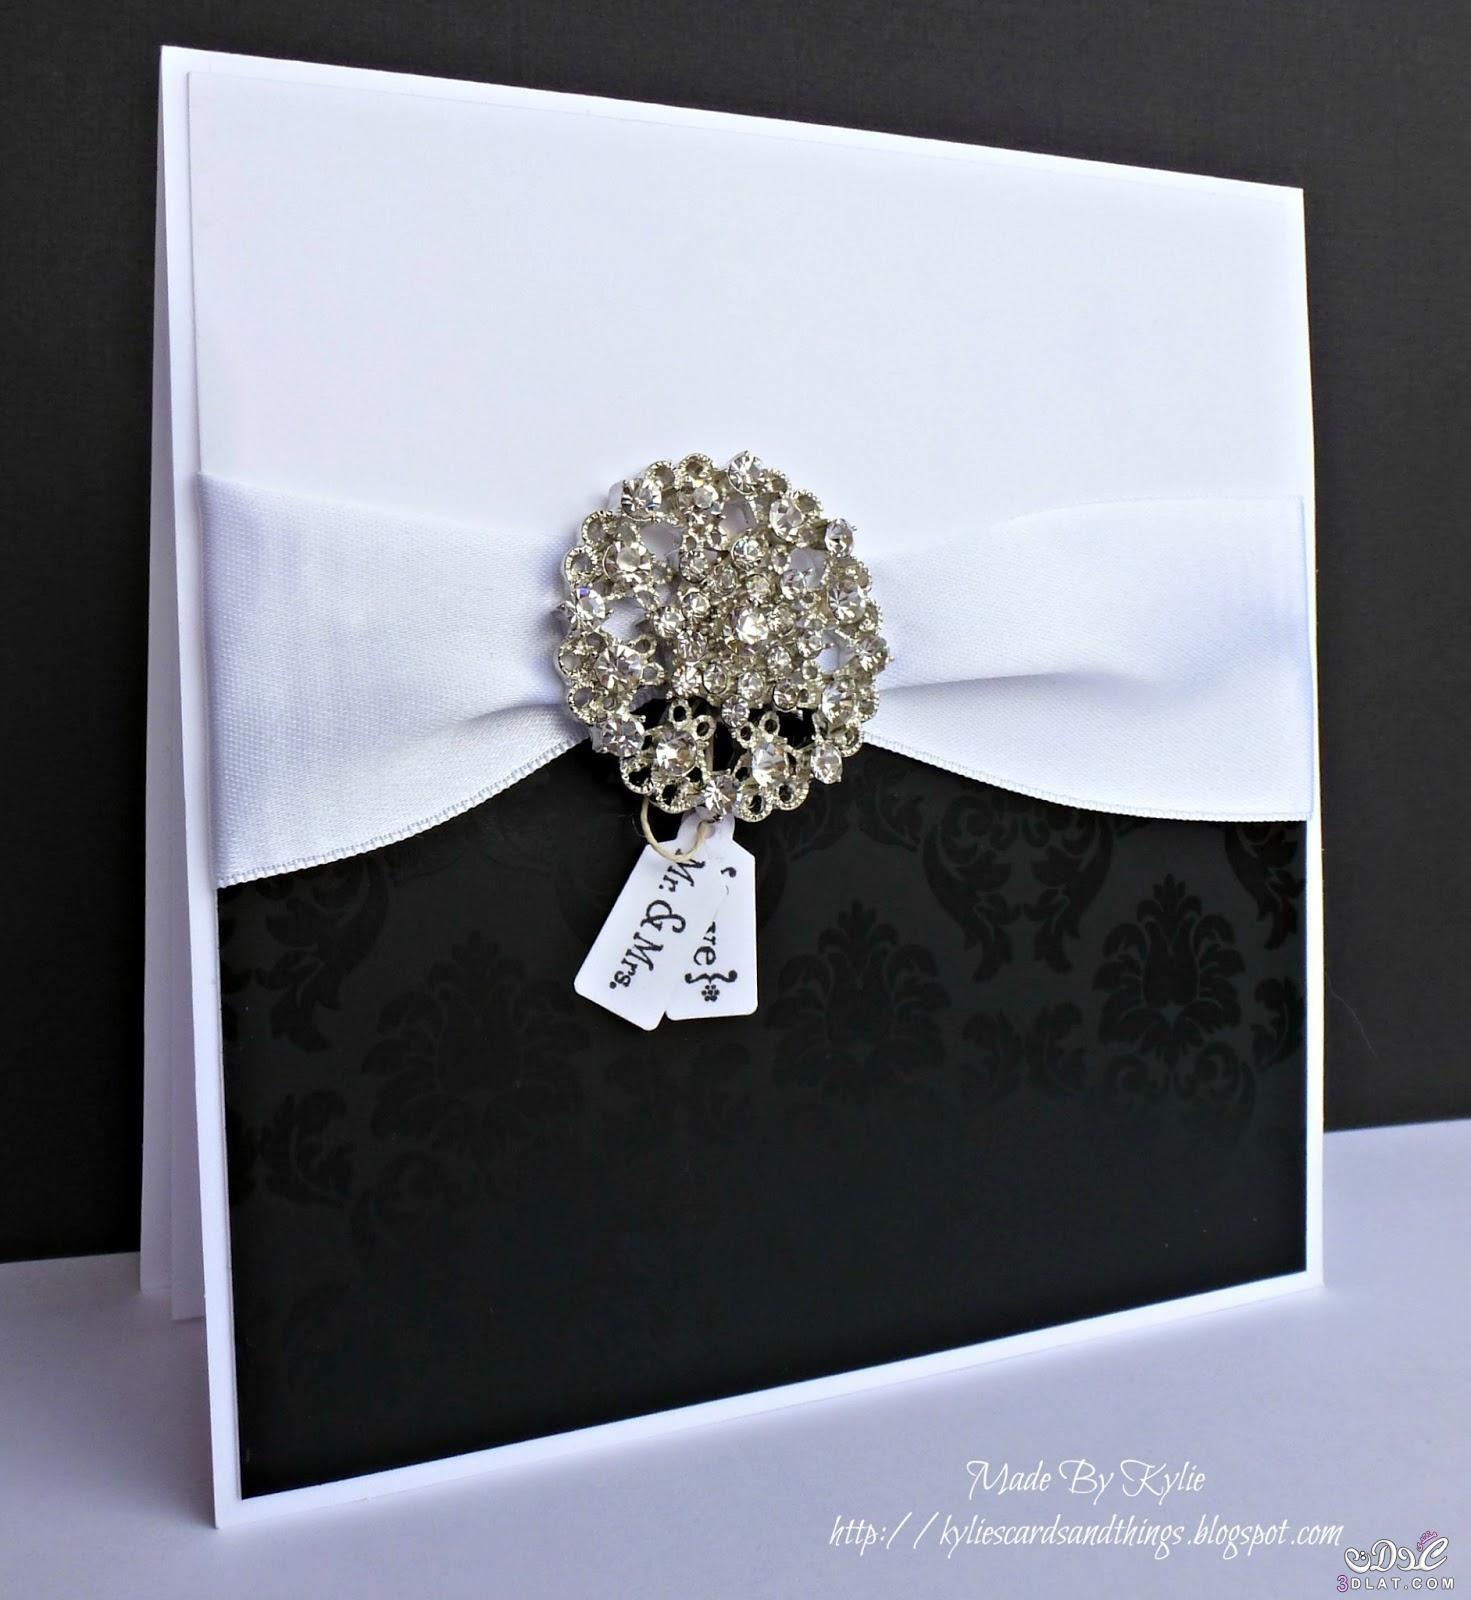 صور كروت دعوة فرح 2019 تصميمات بطاقات افراح موضة 2019 تصميمات كروت بطاقات الفرح Wedding Anniversary Cards Wedding Cards Valentines Cards